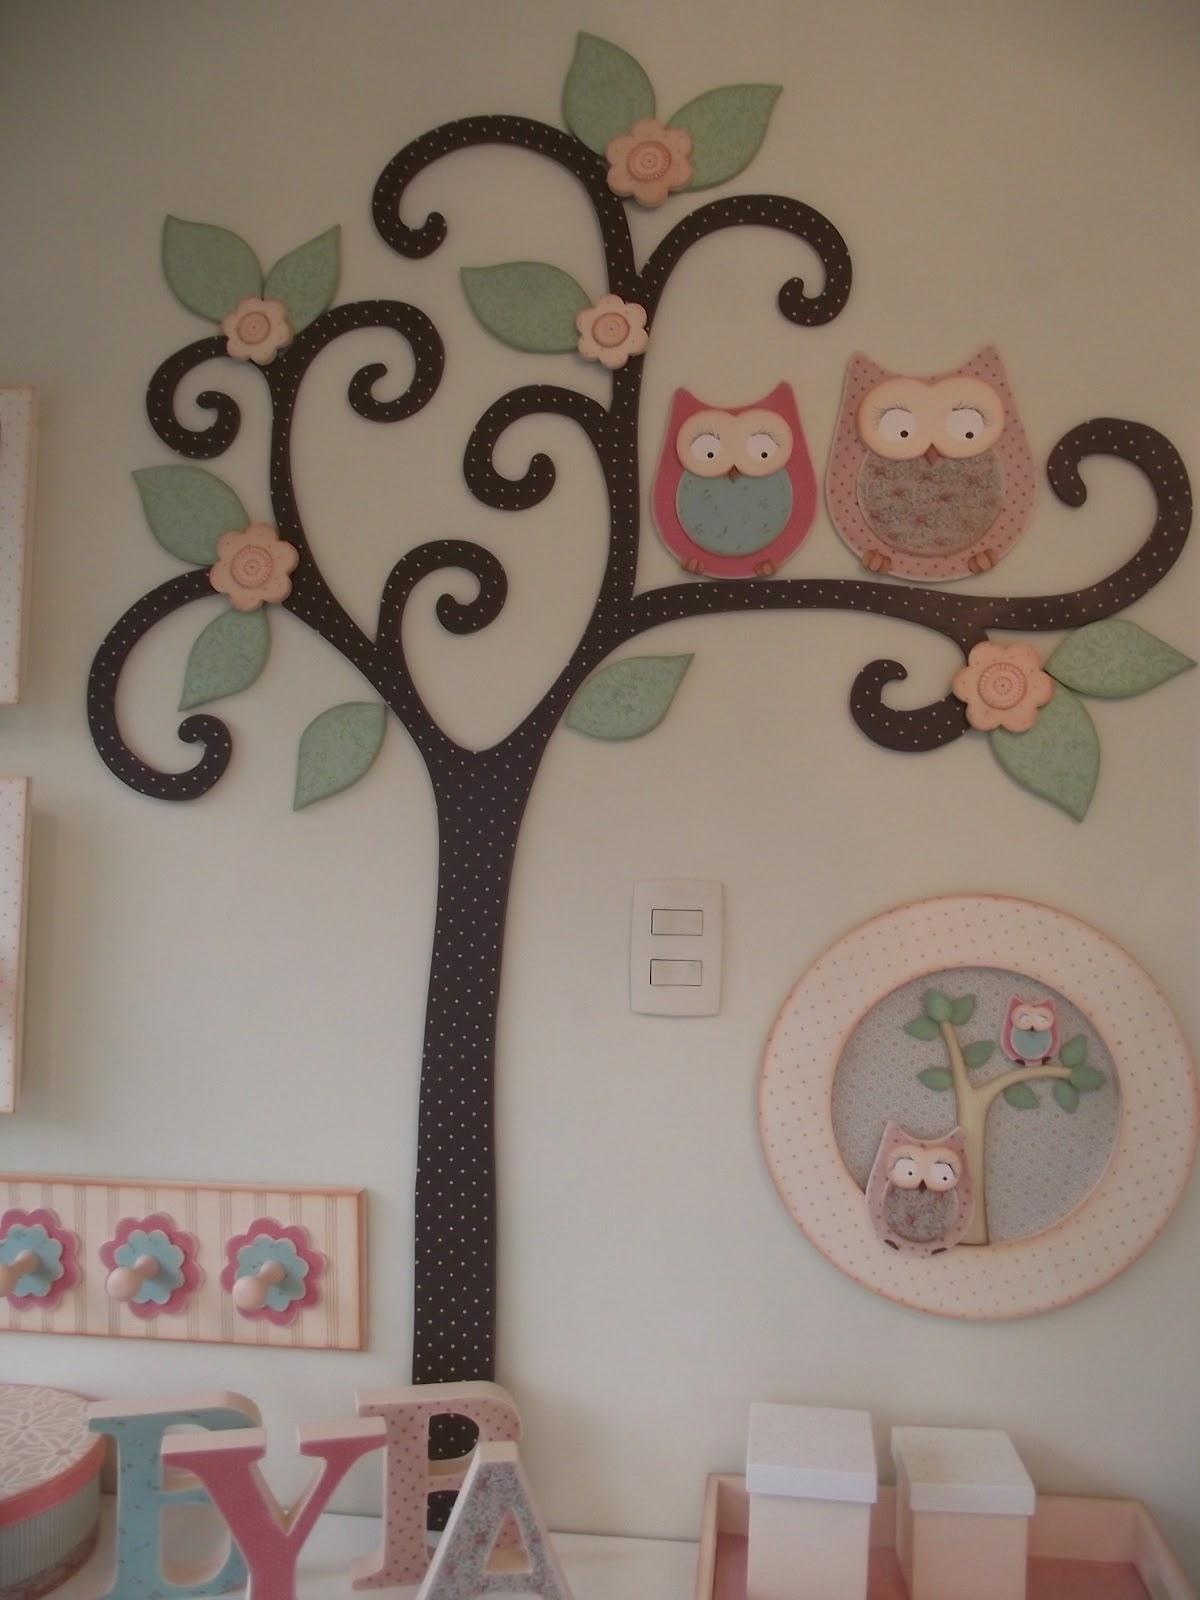 decoracao alternativa de quarto infantil : decoracao alternativa de quarto infantil:quarta-feira, 25 de julho de 2012